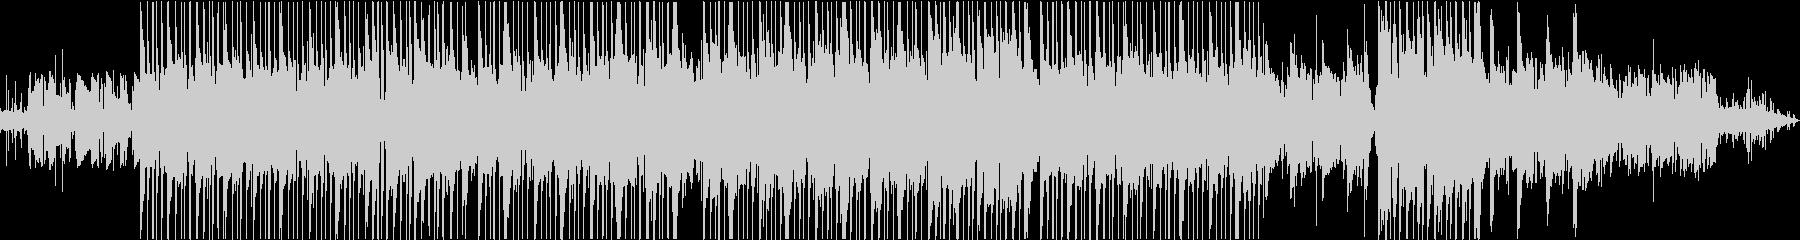 レトロ・ジャジーでチルでLoFiなBGMの未再生の波形